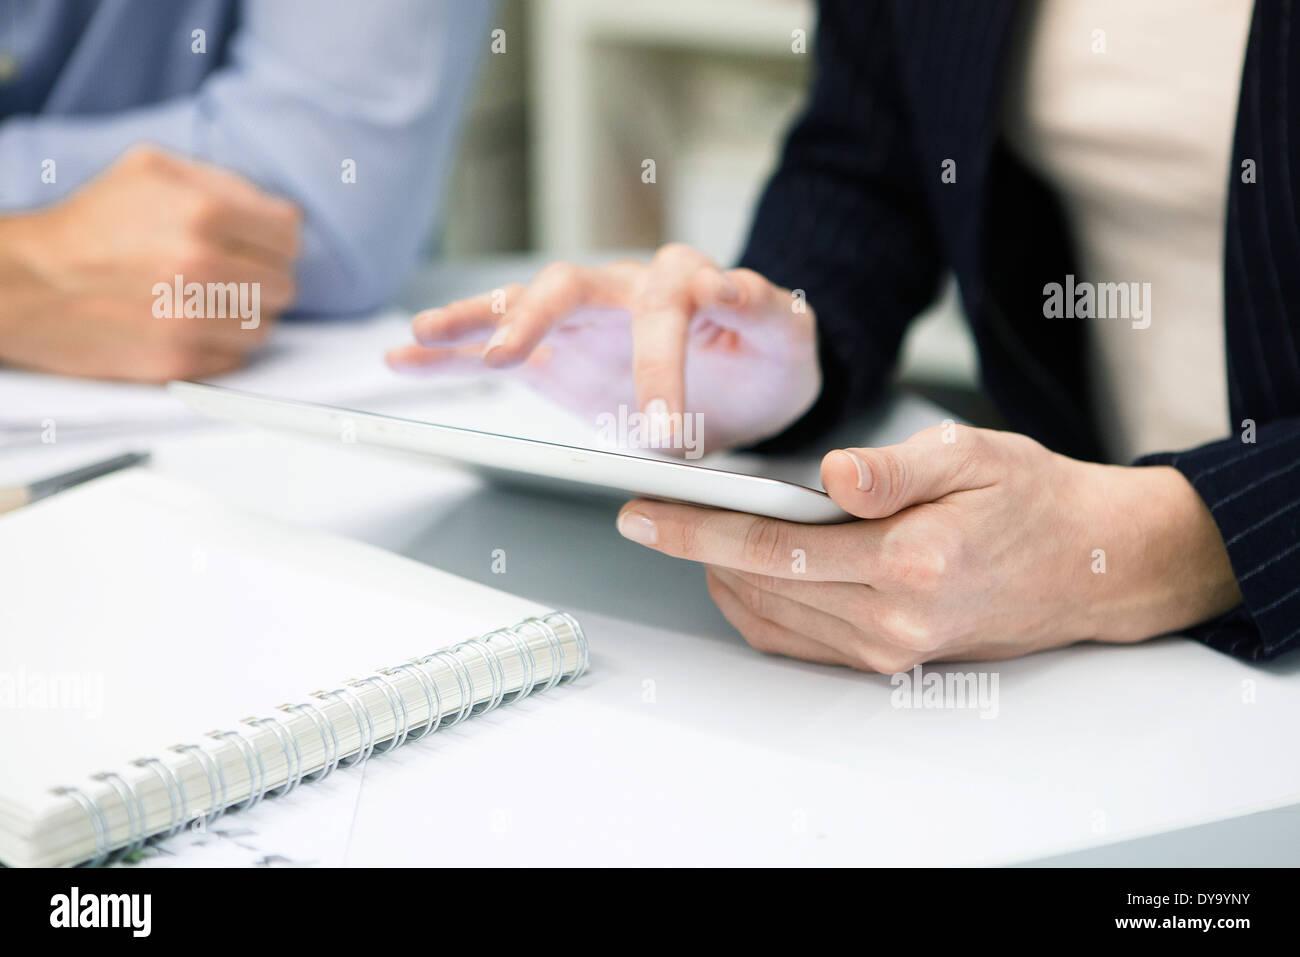 Imprenditrice utilizzando digitale compressa, ritagliato Immagini Stock